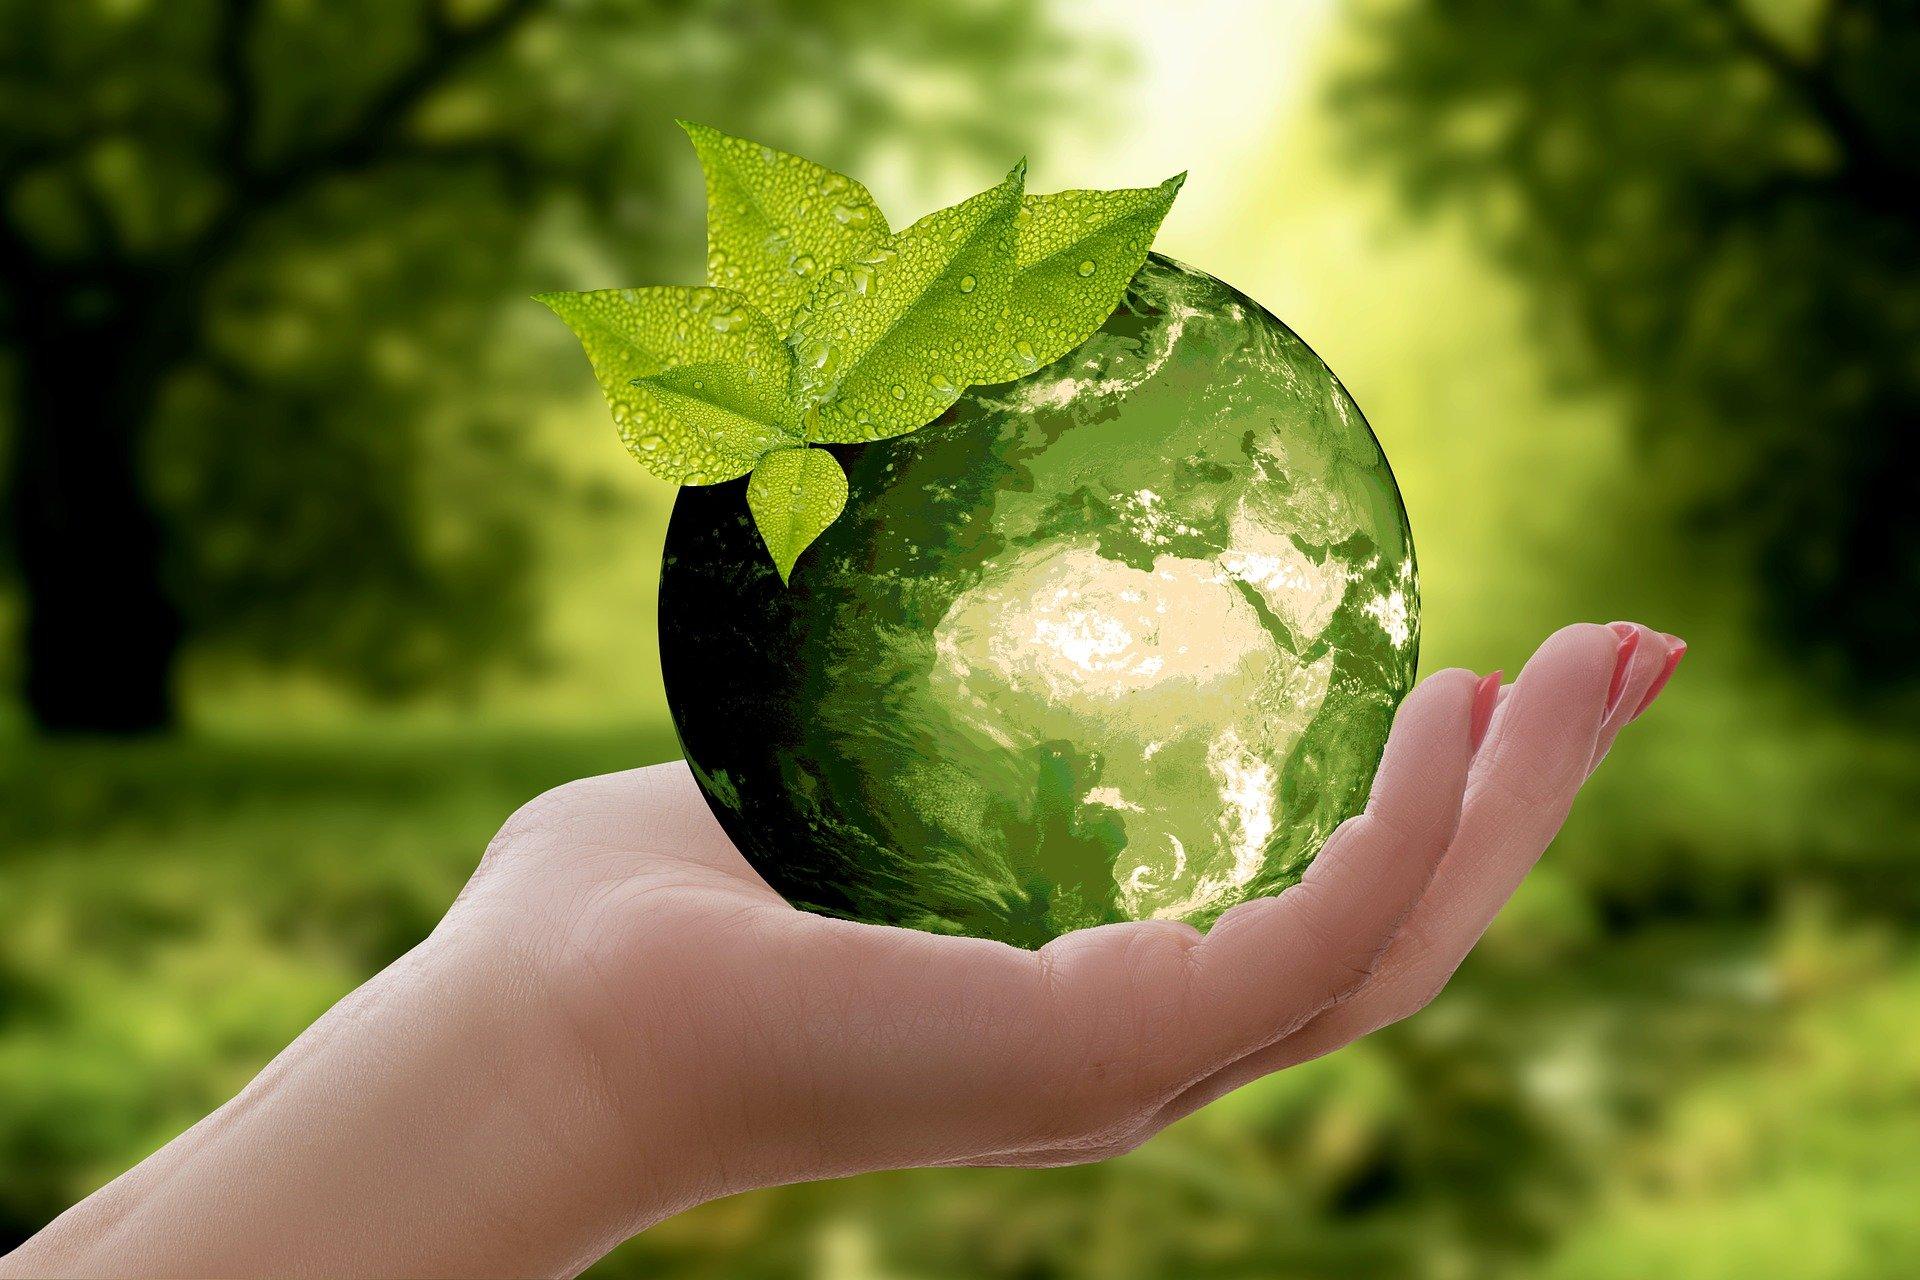 Presiona esta imagen de una mano sosteniendo una esfera verde simulando el planeta tierra para ver el video